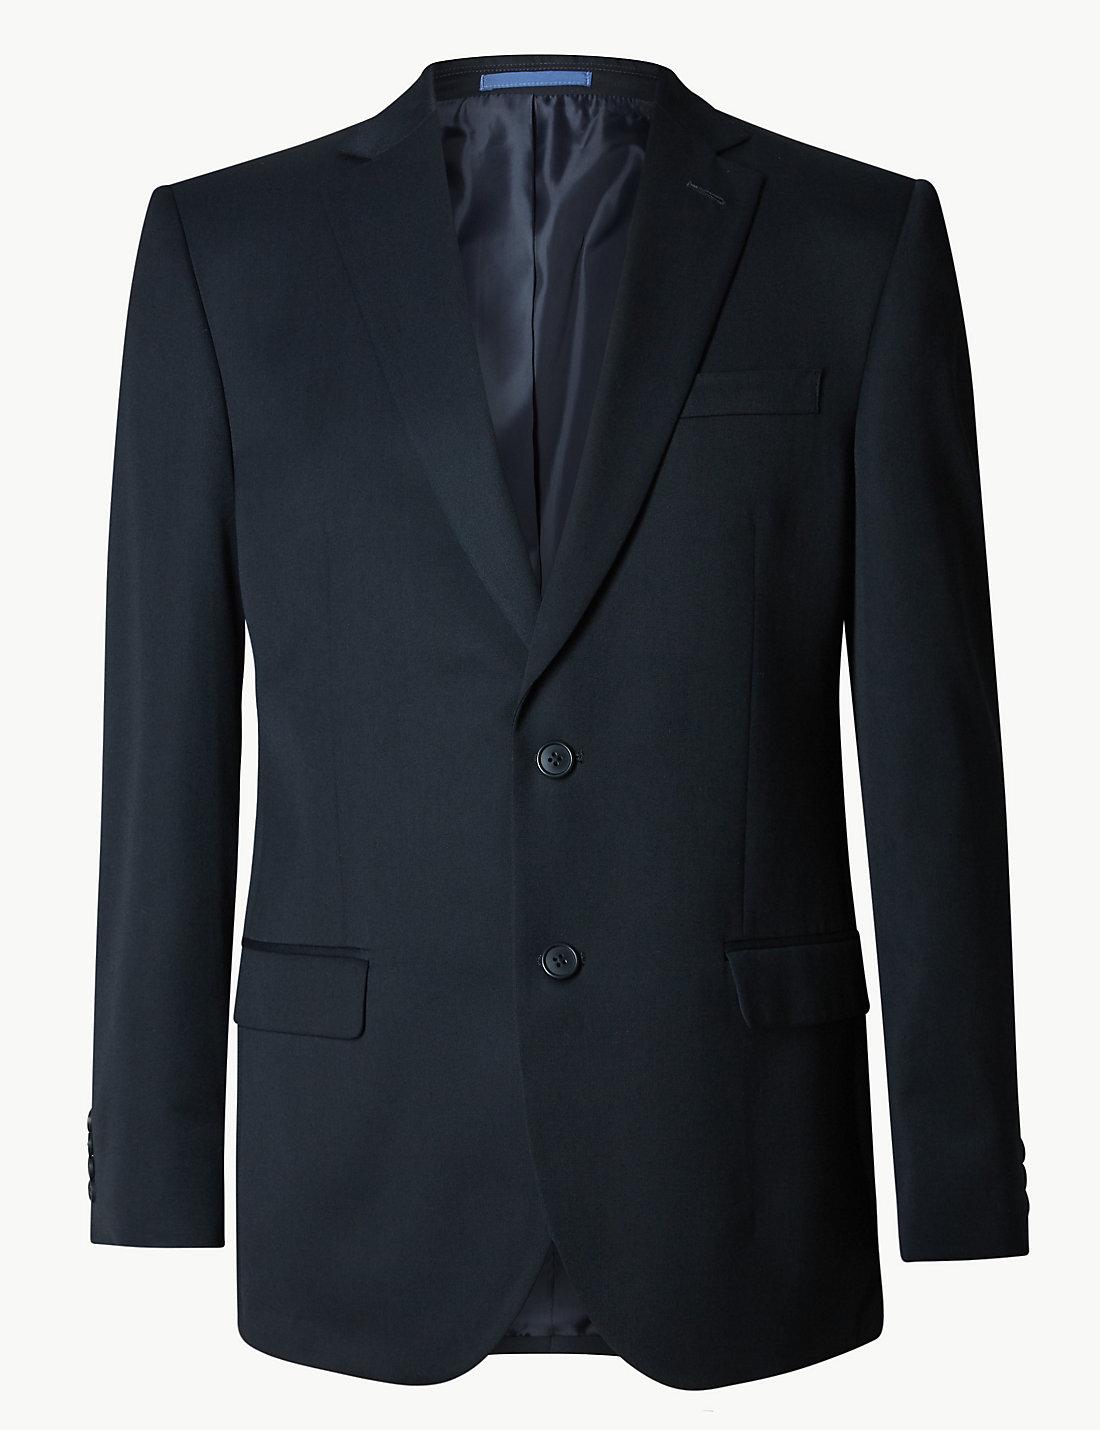 Mens Affordable Suits   Suits Under £149   M&S